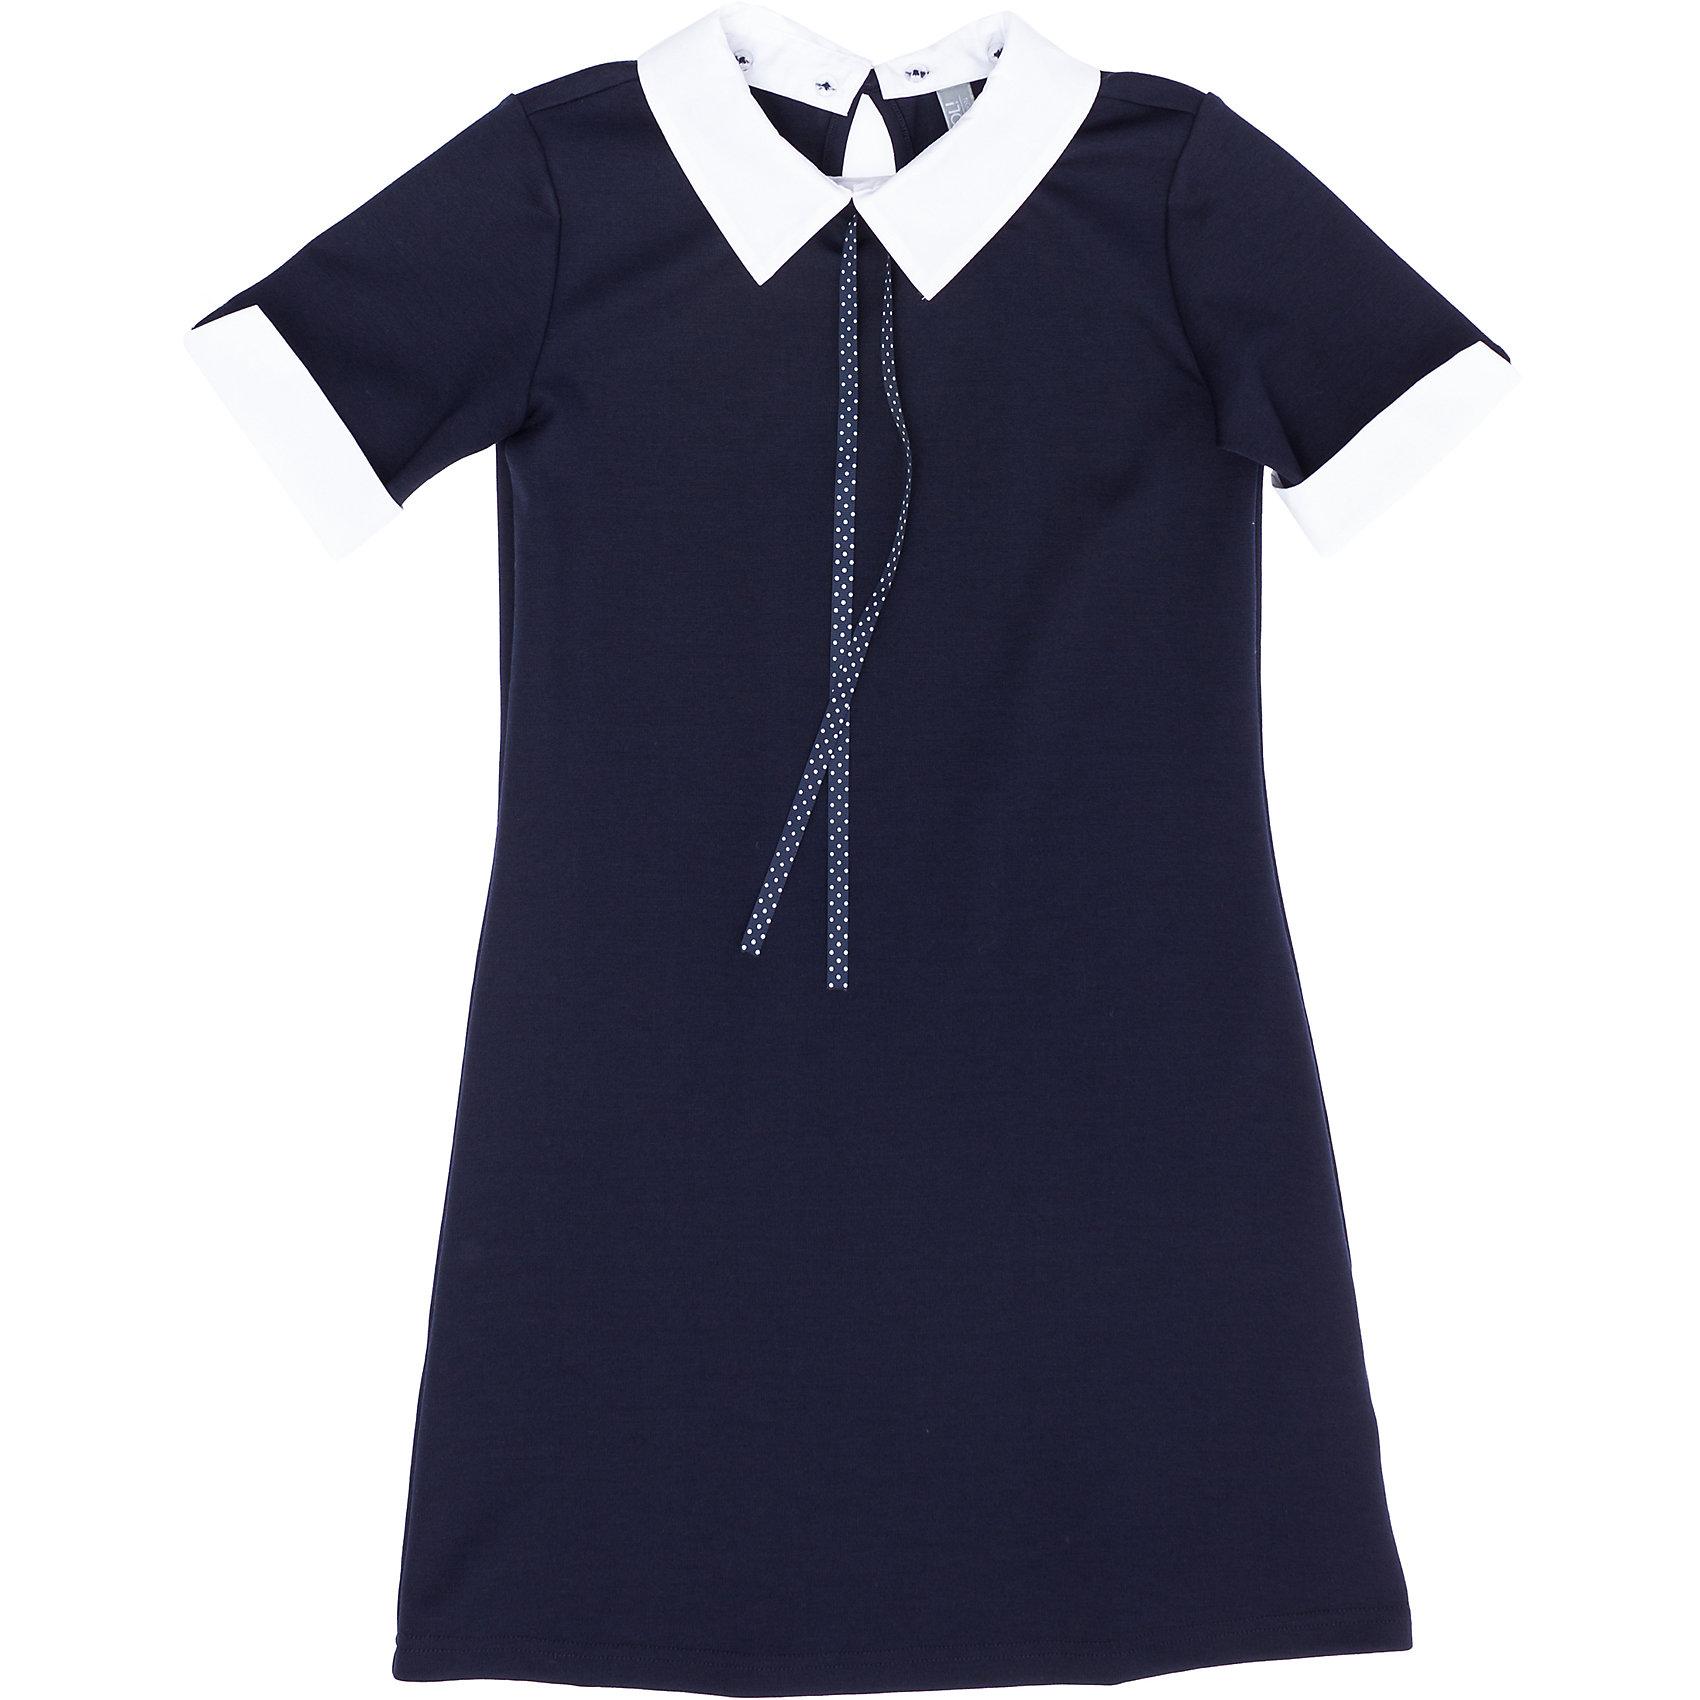 Платье для девочки ScoolПлатье для девочки от известного бренда Scool<br>Состав:<br>65% полиэстер, 30% вискоза, 5% эластан<br>Классическое темно-синее платье. <br>Позволяет вернуться в наше с вами детство: <br>манжеты и воротничок  нужно стирать отдельно, чтобы сохранить их белоснежный цвет.<br>Воротник съемный, на пуговках. Манжеты прикреплены специальной производственной строчкой, чтобы их легко можно было отпороть.<br><br>Ширина мм: 236<br>Глубина мм: 16<br>Высота мм: 184<br>Вес г: 177<br>Цвет: полуночно-синий<br>Возраст от месяцев: 72<br>Возраст до месяцев: 84<br>Пол: Женский<br>Возраст: Детский<br>Размер: 122,164,128,134,140,146,152,158<br>SKU: 4687047